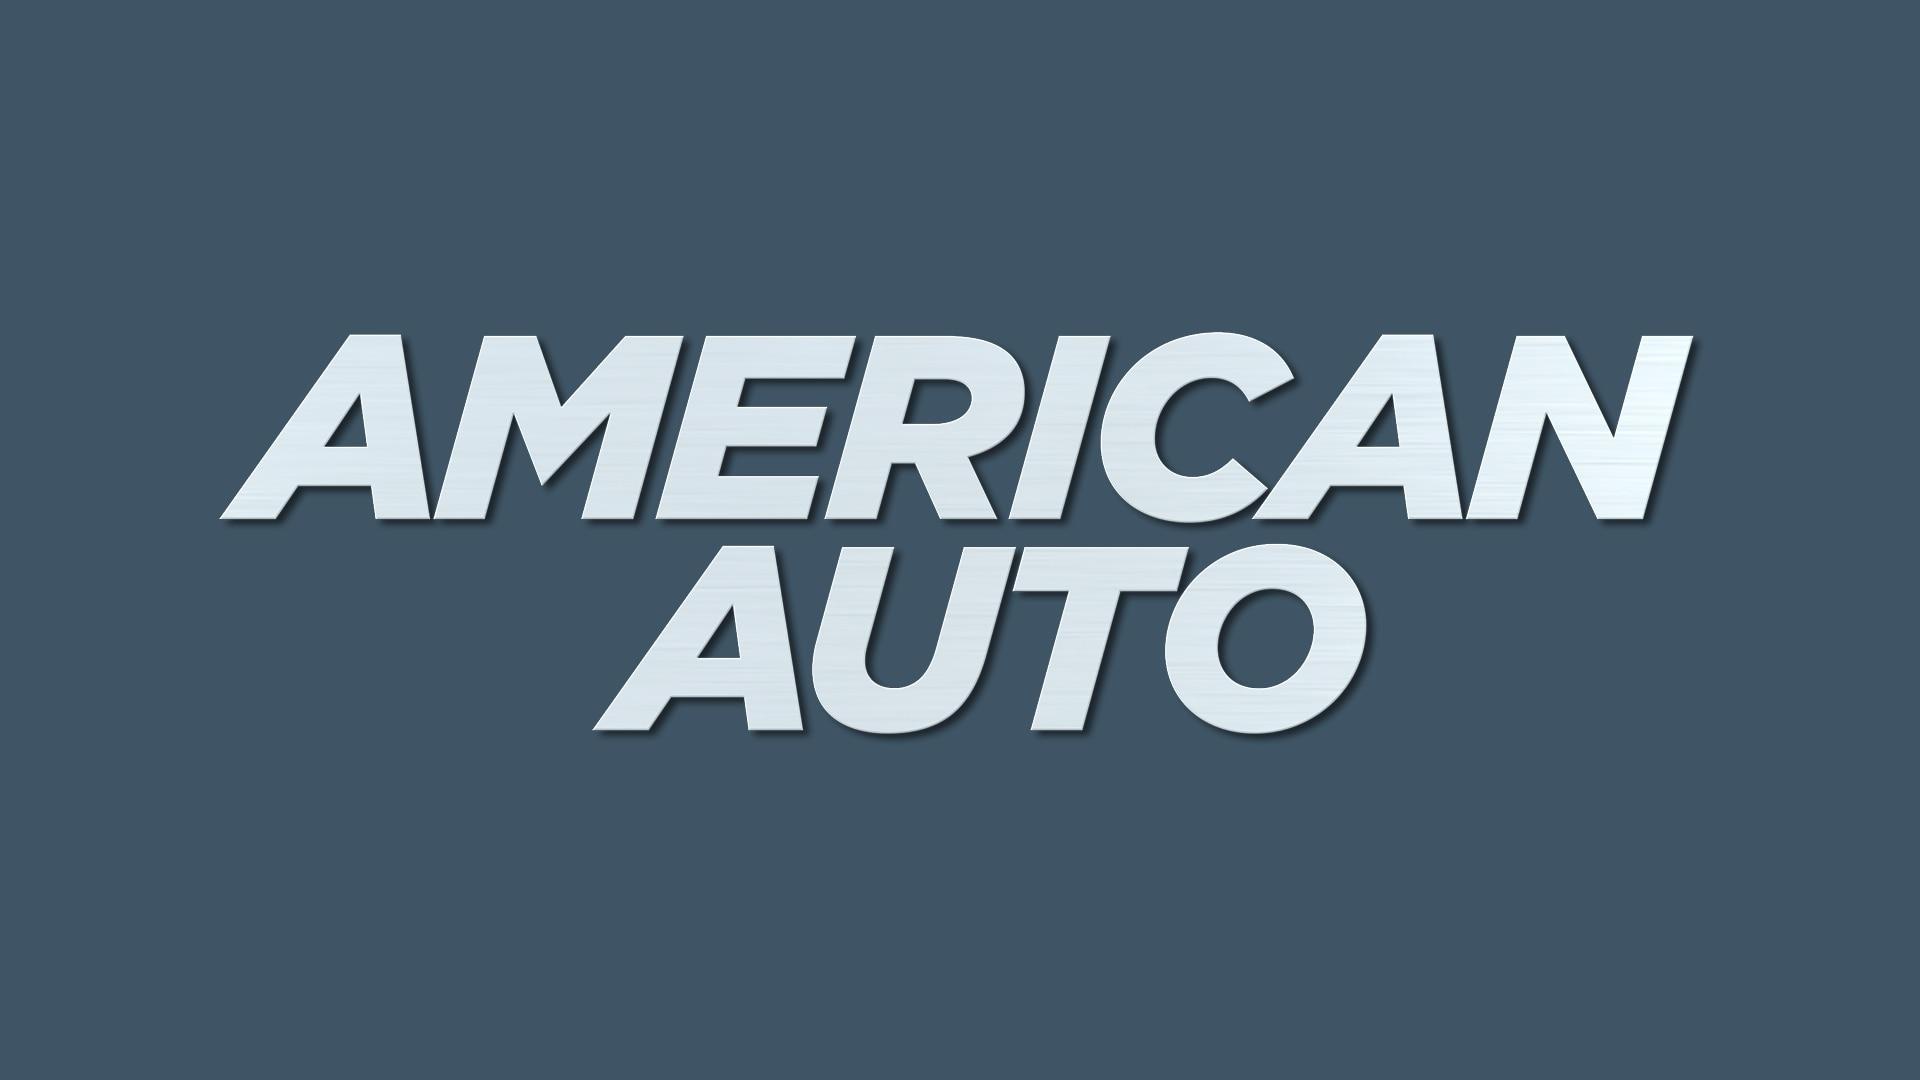 American Auto - NBC